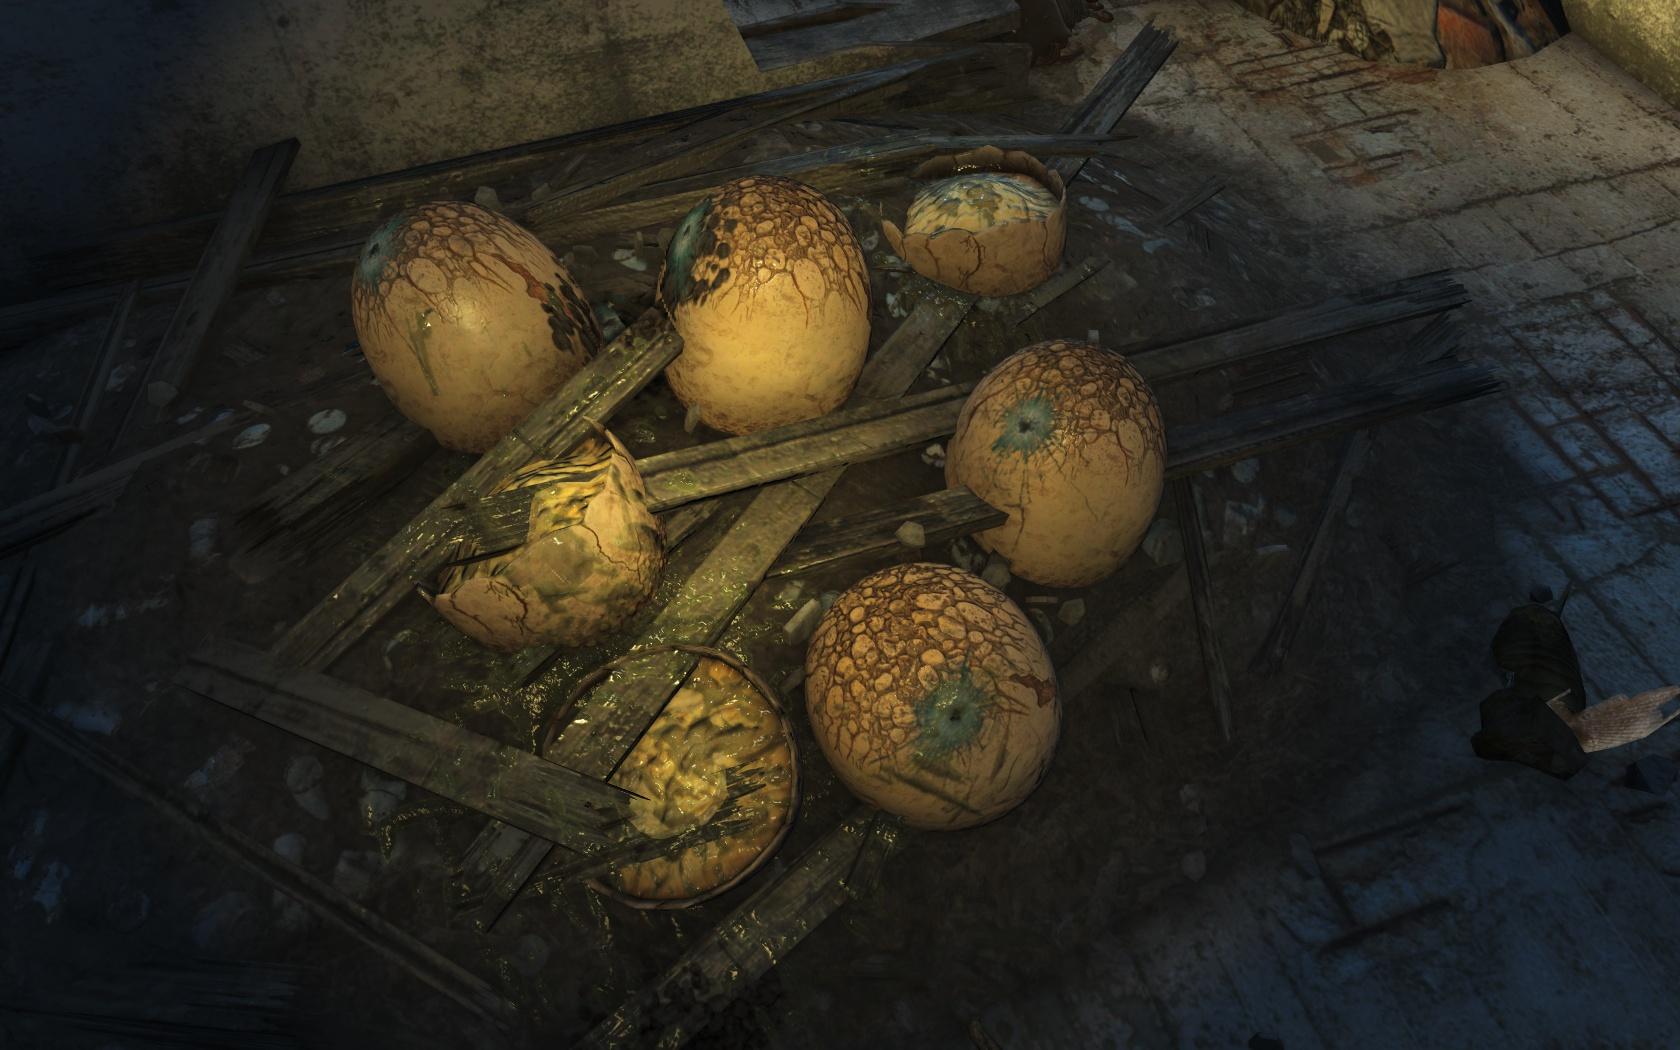 Непробиваемые яйца болотников (Салем) - Fallout 4 Баг, болотник, Салем, яйцо